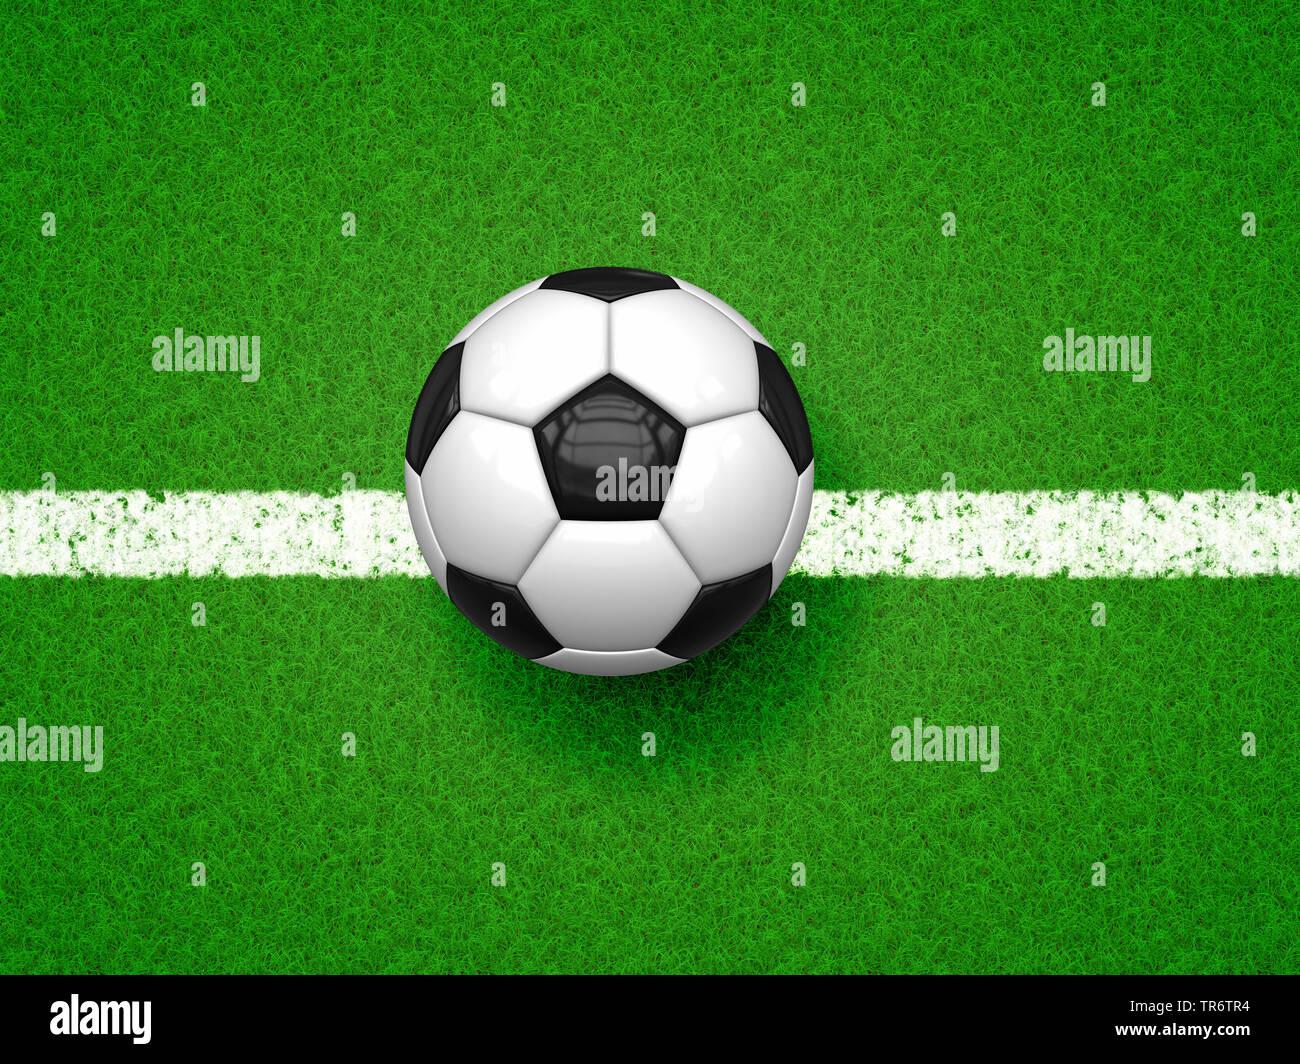 Fussball auf gruenem Rasen | football on green football field | BLWS490634.jpg [ (c) blickwinkel/McPHOTO/M. Gann Tel. +49 (0)2302-2793220, E-mail: inf - Stock Image